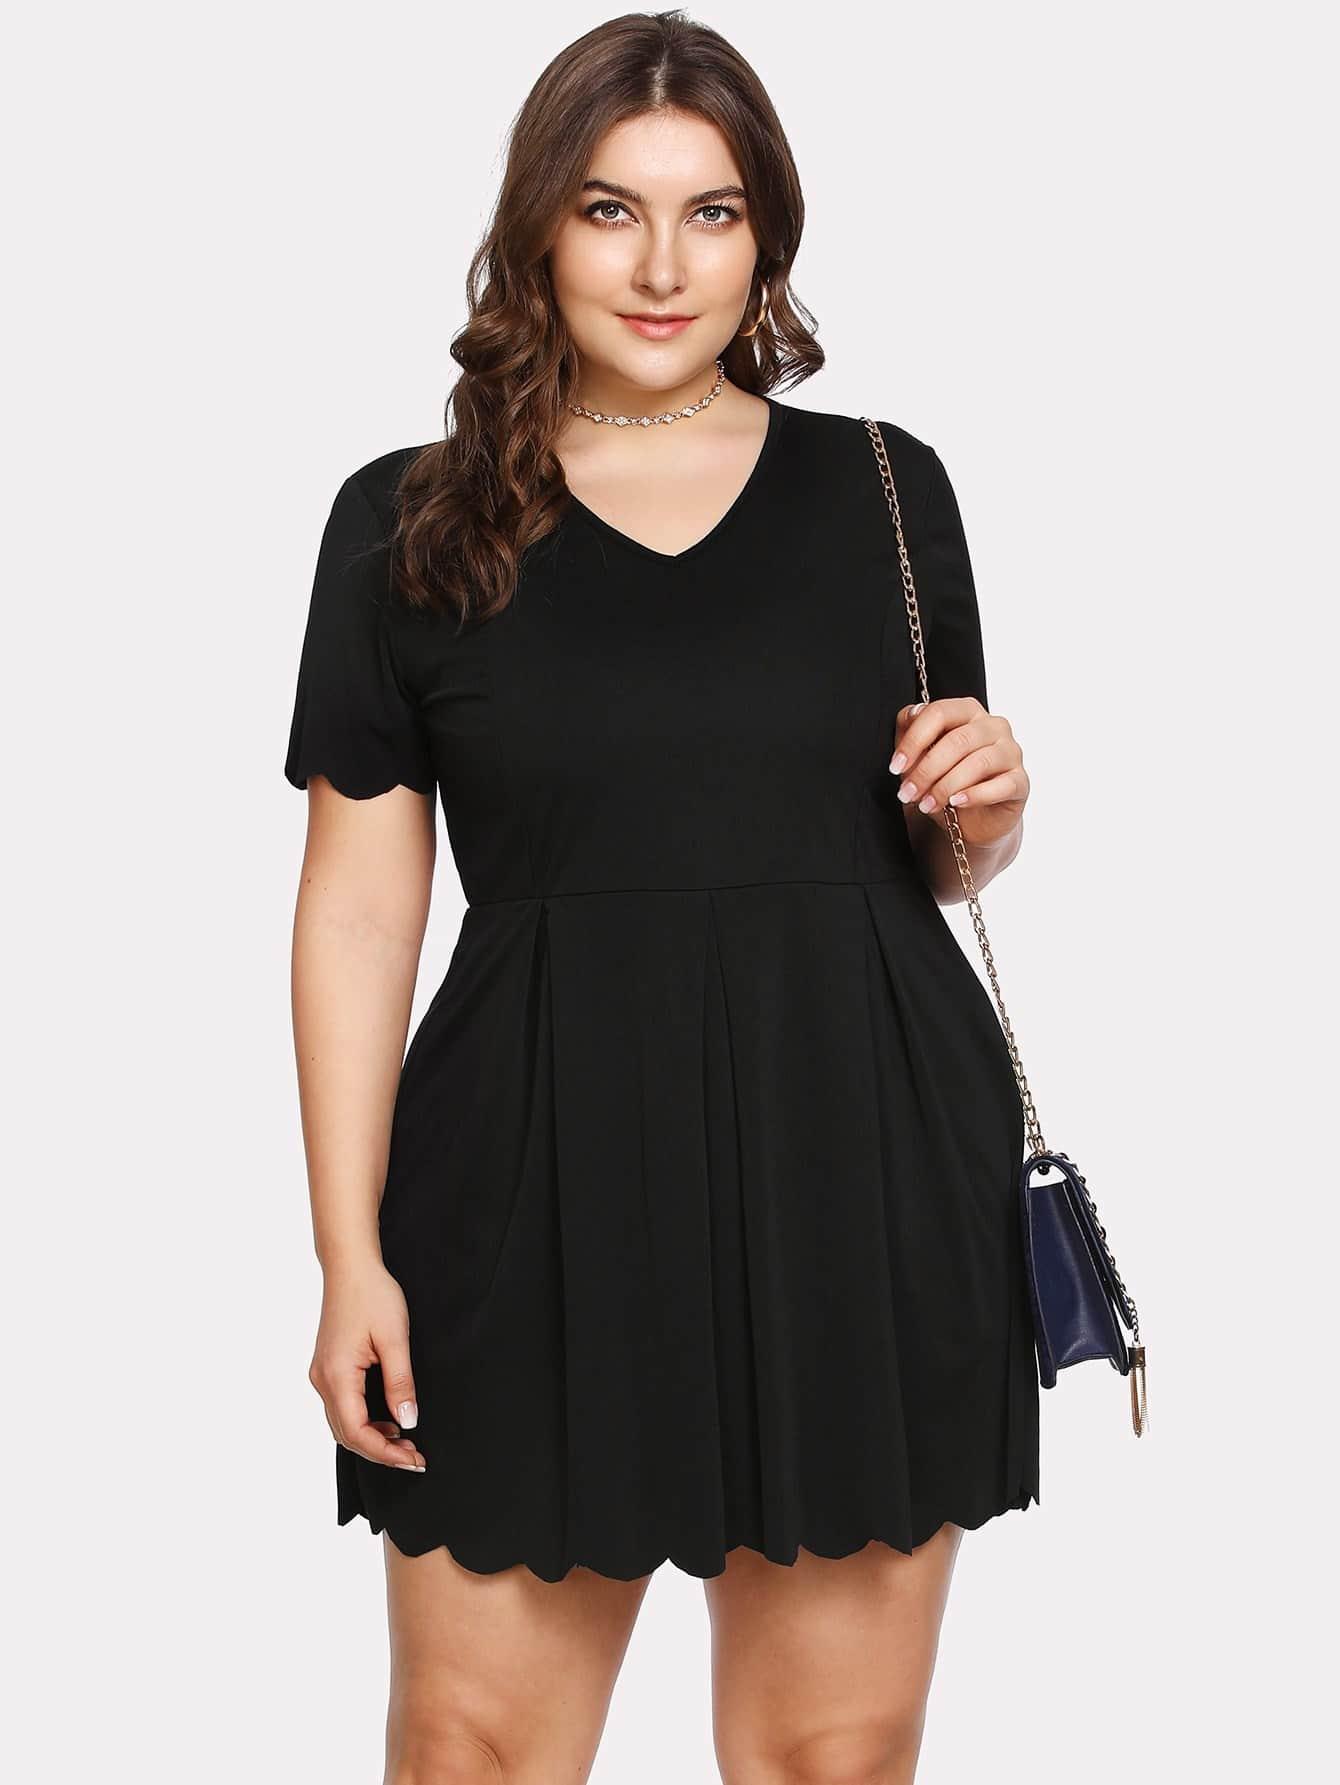 Модное платье с фестонами, Franziska, SheIn  - купить со скидкой